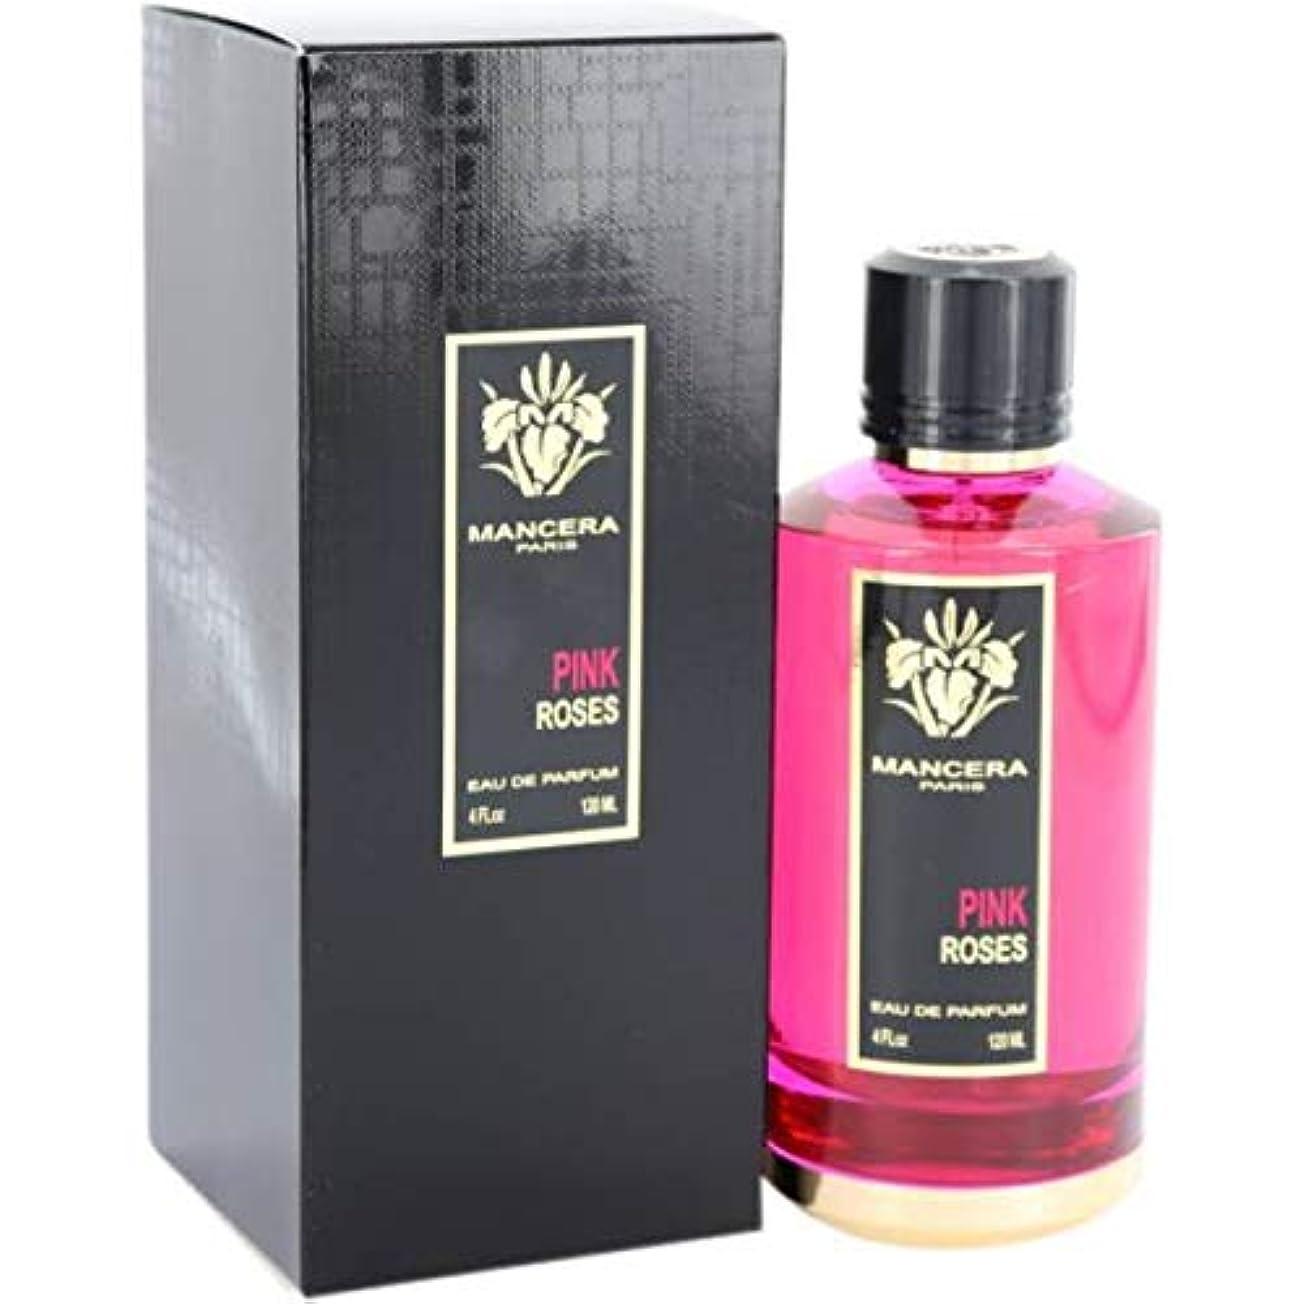 カウントアップ放射する別にMancera Pink Roses Eau de Parfum 4.0 oz./120 ml New in Box